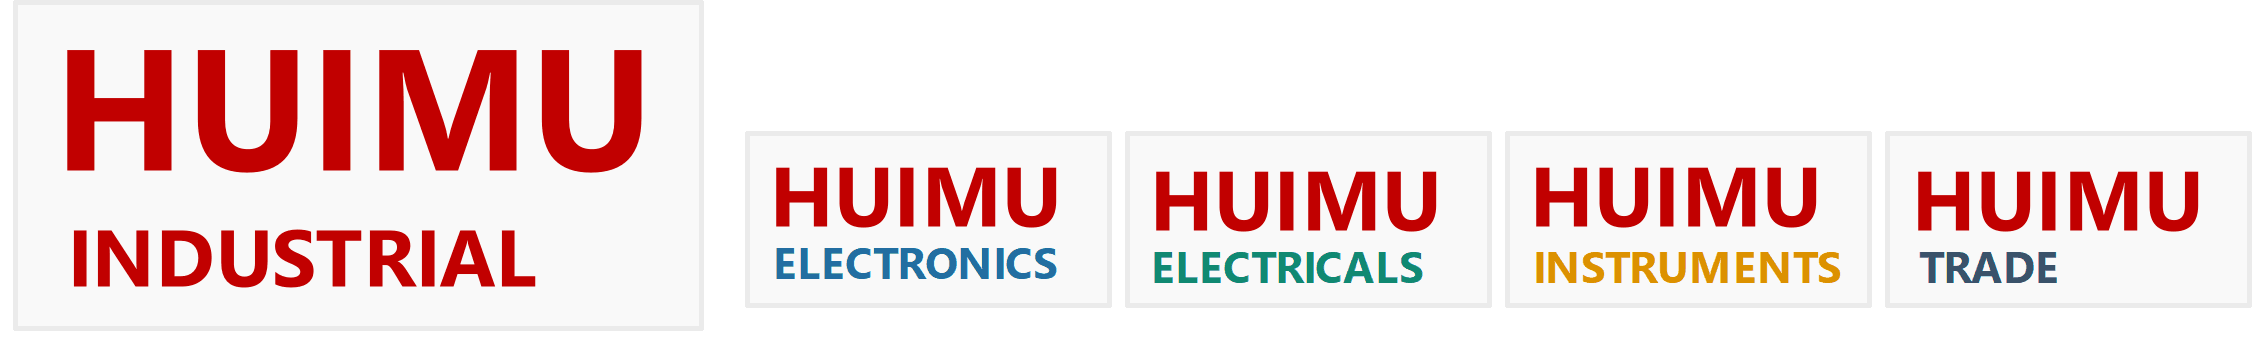 HUIMU Series